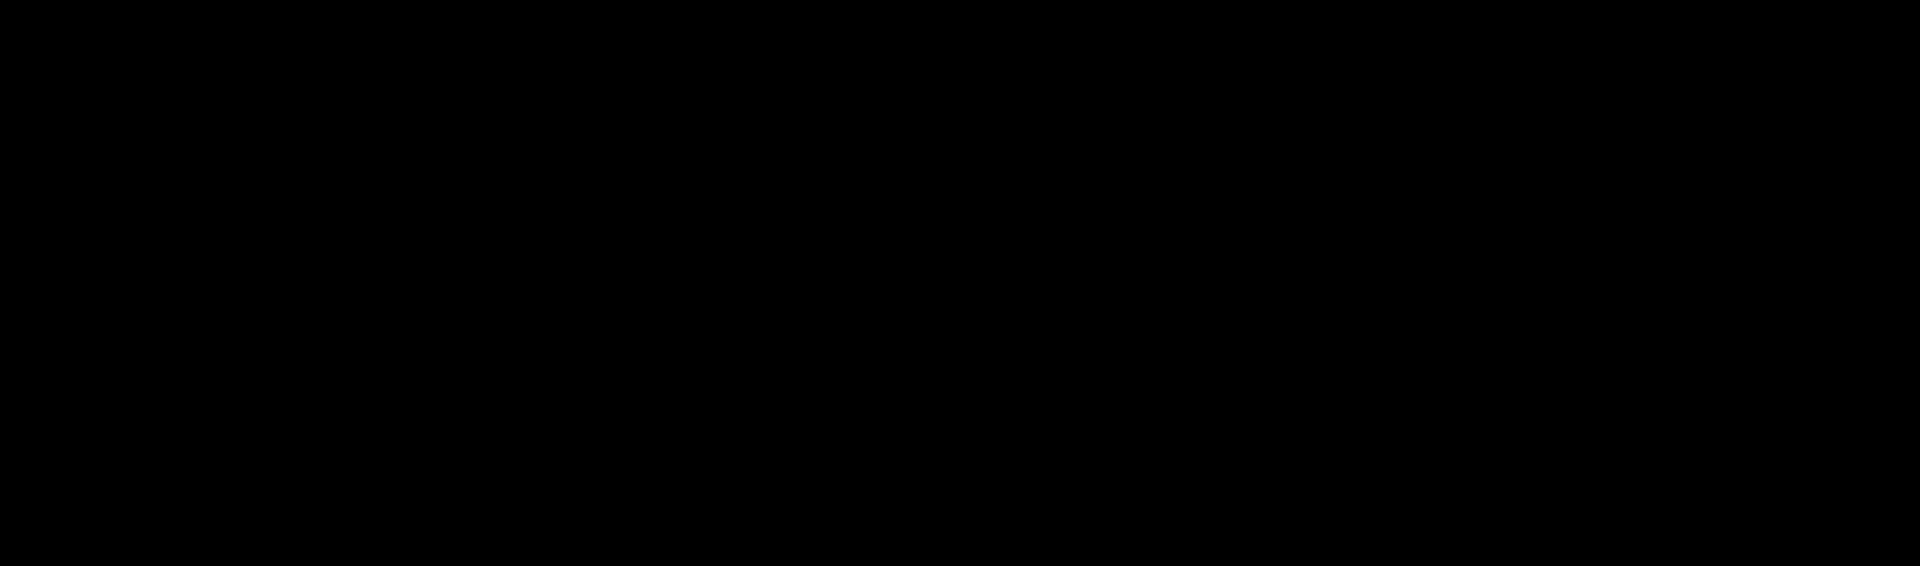 Signature barbara